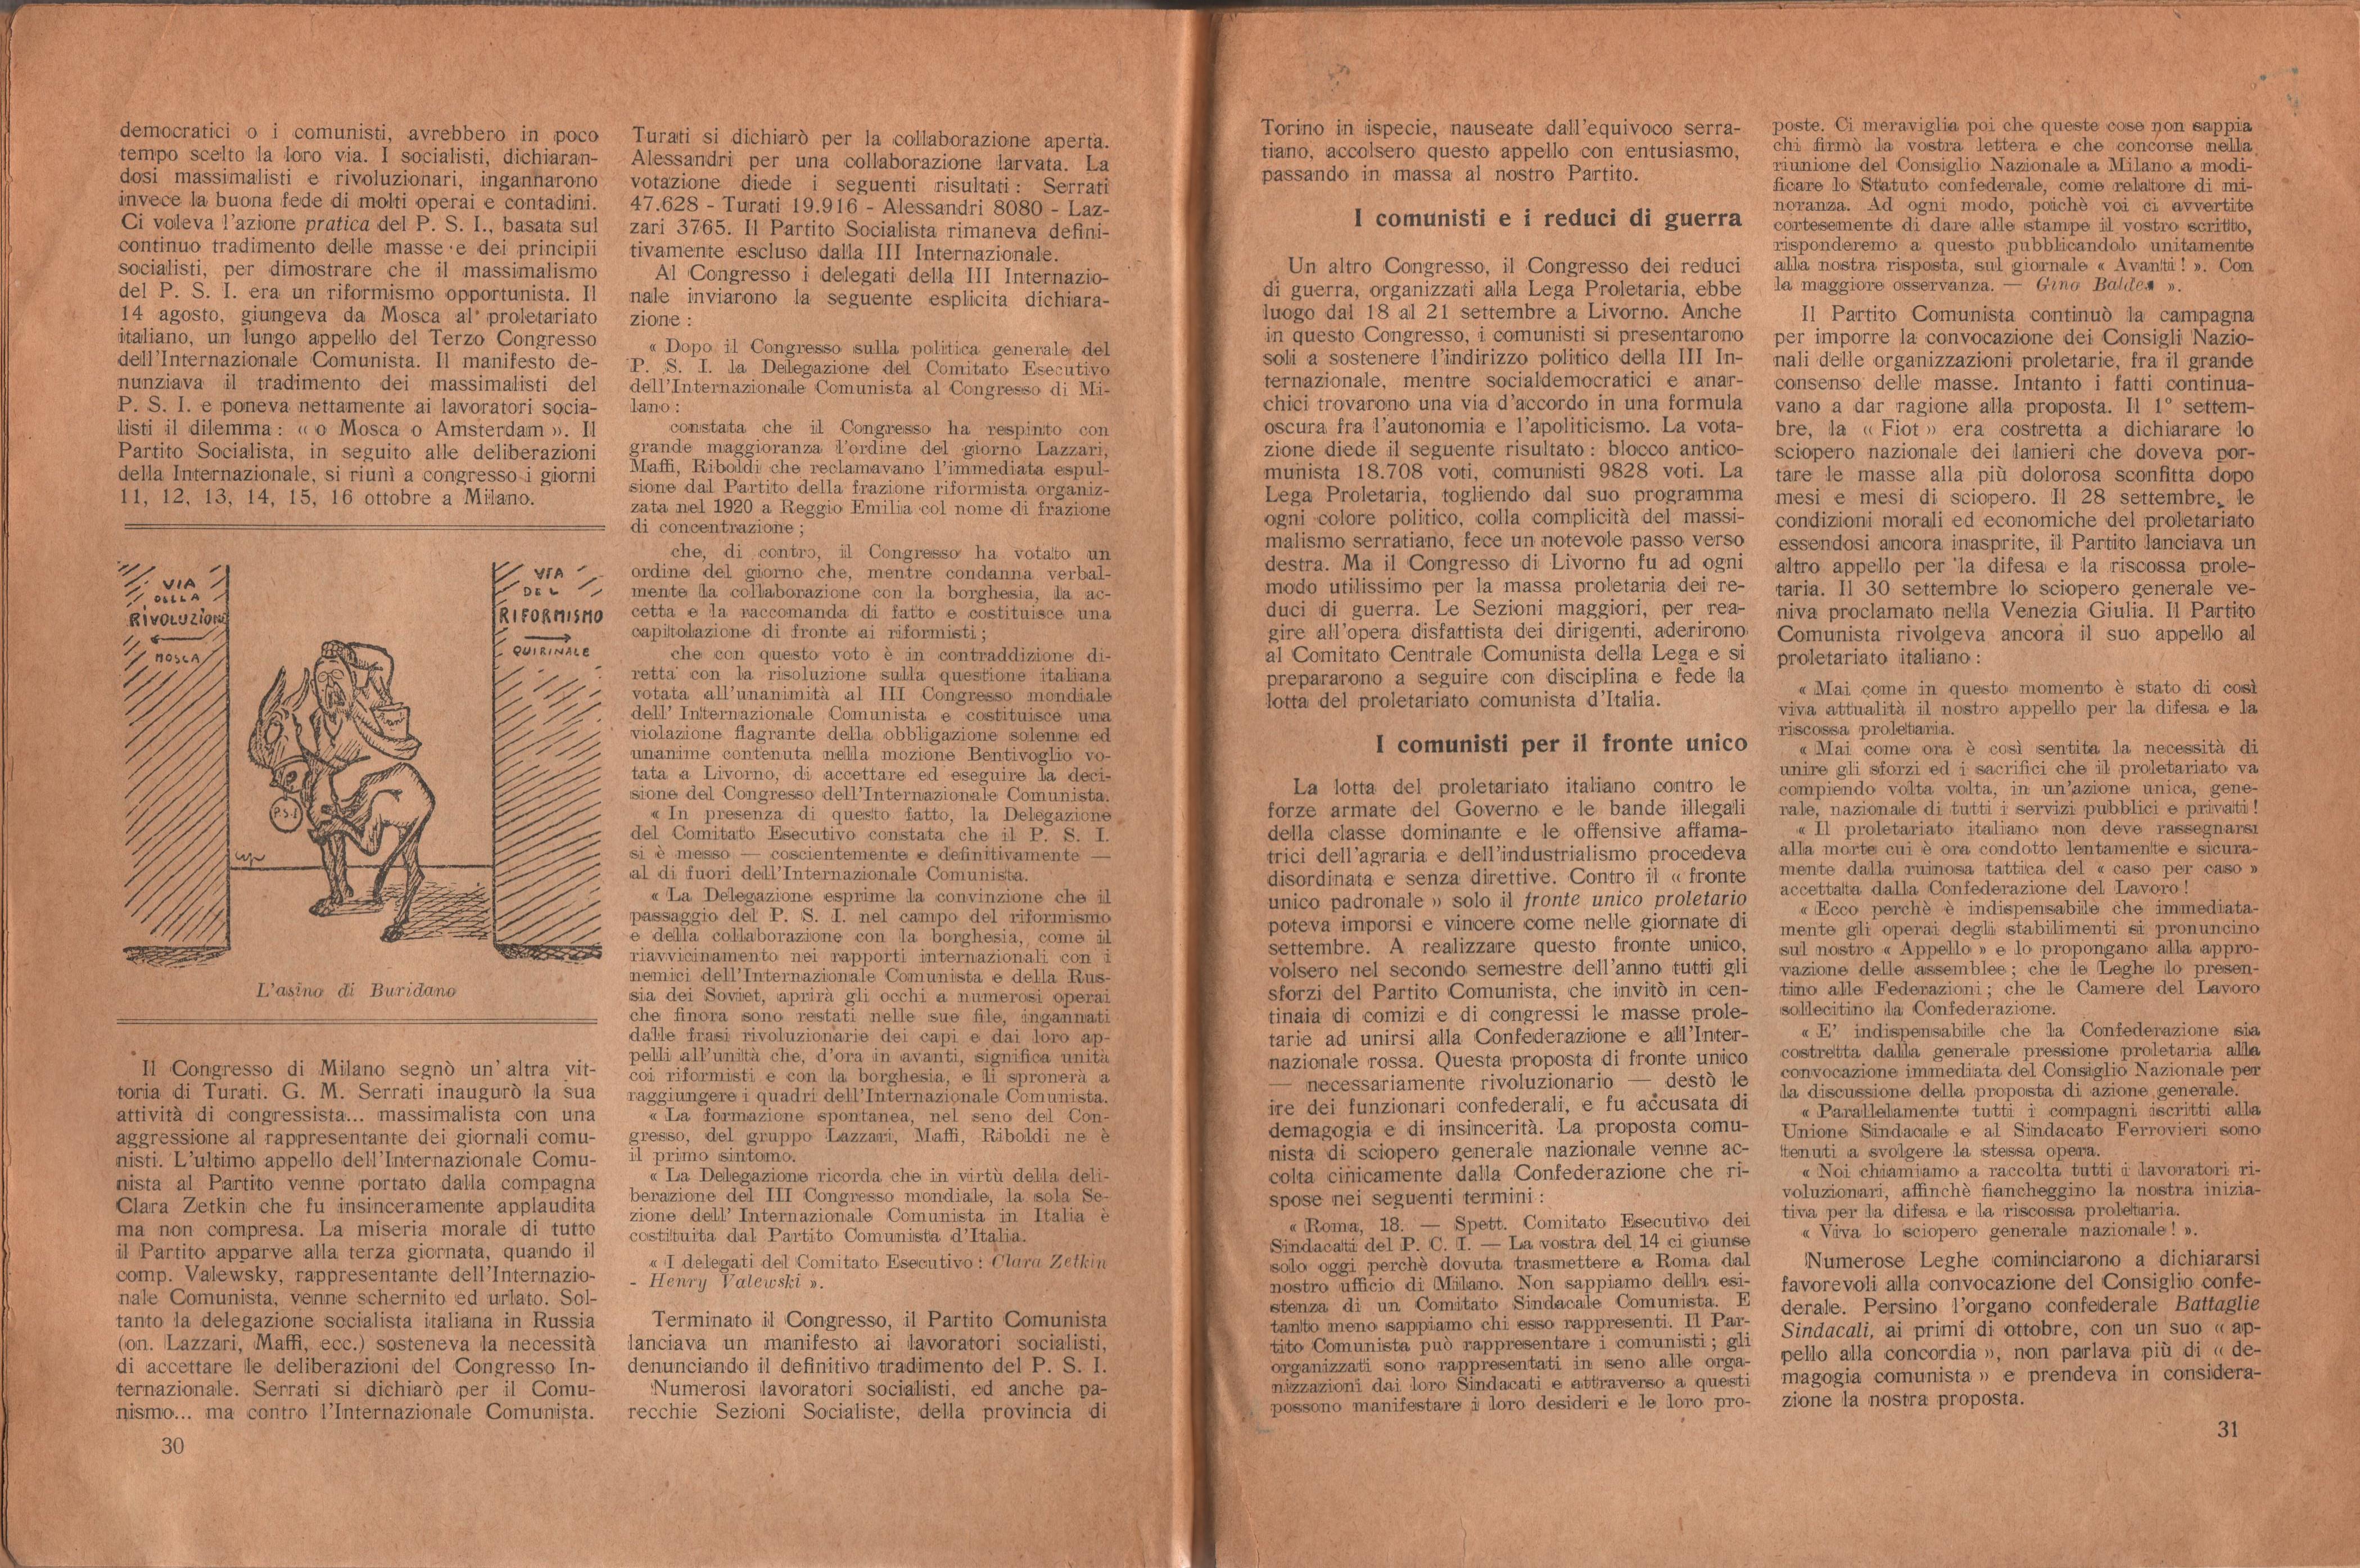 Almanacco comunista 1922 - pag. 18